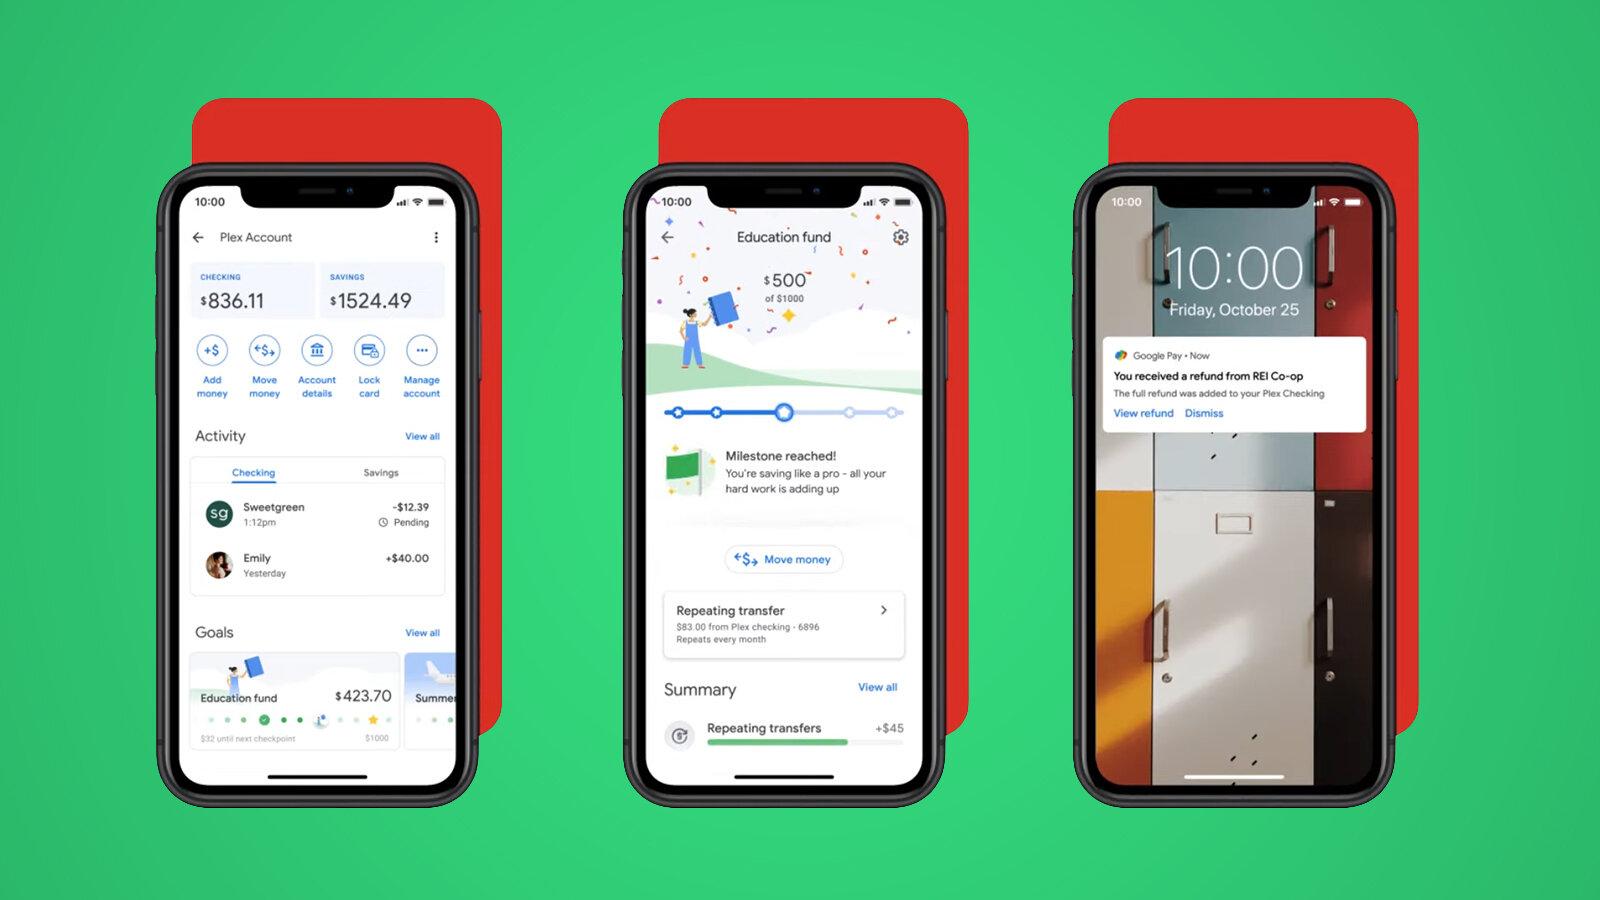 Google lança conta digital em parceria com o citibank. Além de atualizações no app google pay, a empresa anunciou a conta digital plex, uma forma de ajudar no controle de economias em 2021